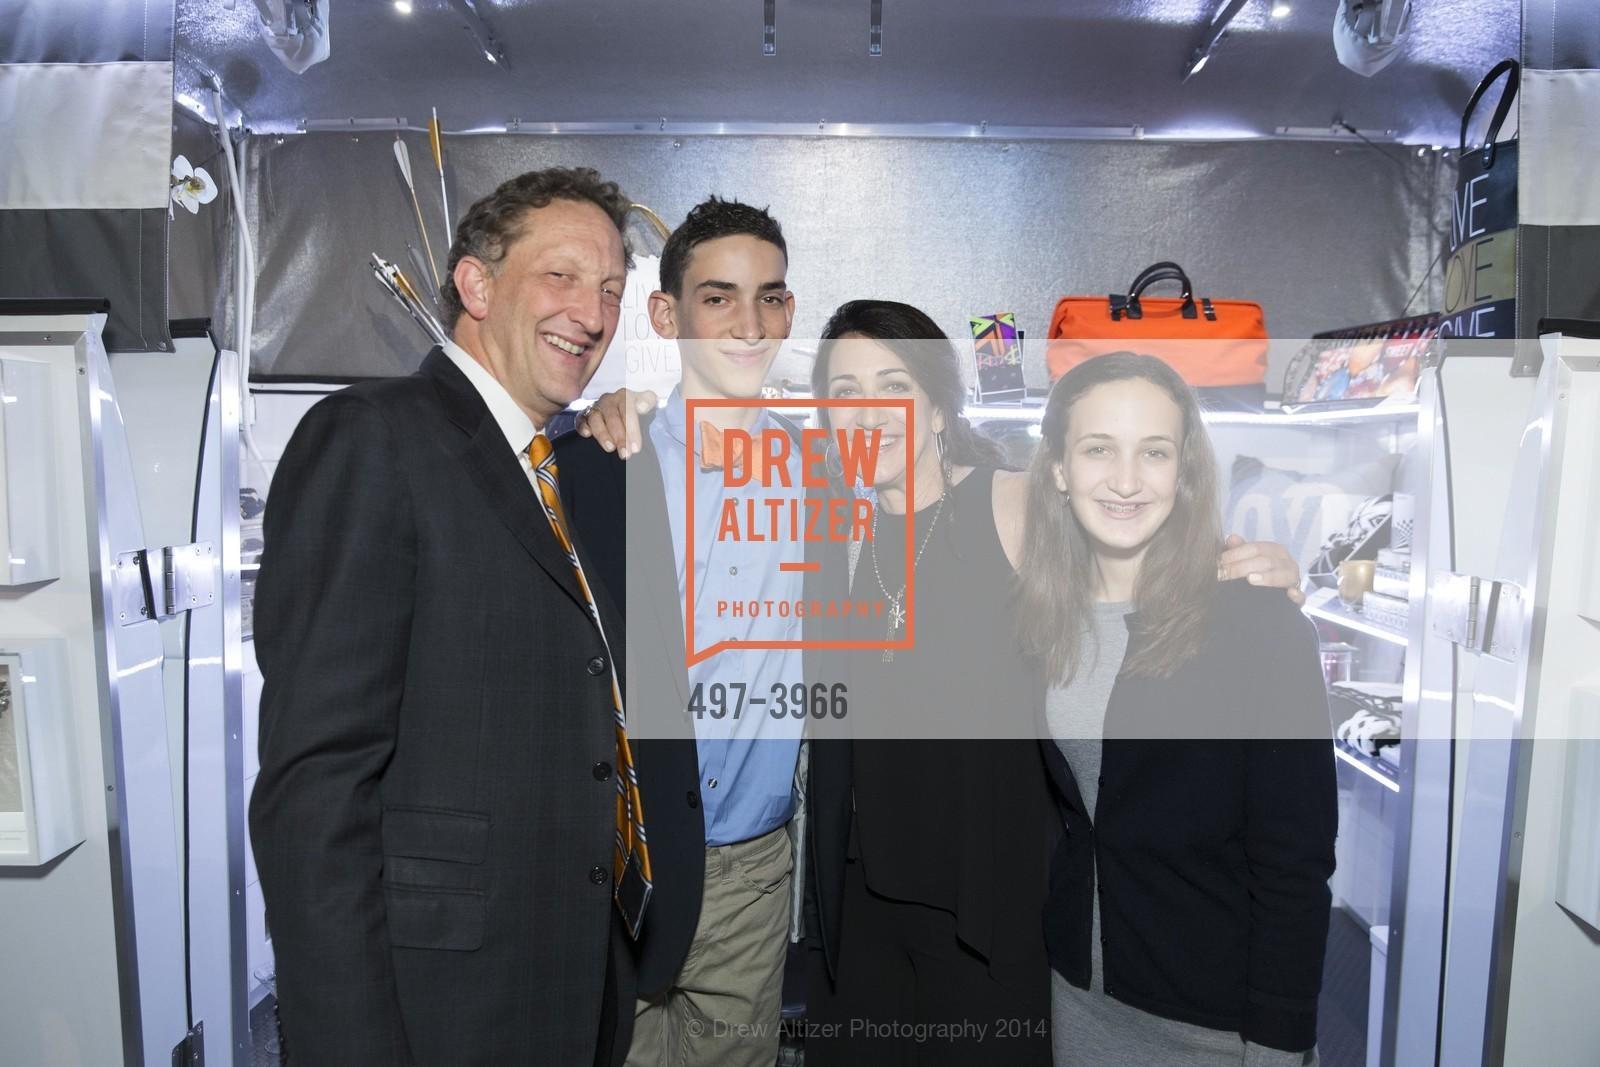 Larry Baer, Zack Baer, Pam Baer, Alana Baer, Photo #497-3966